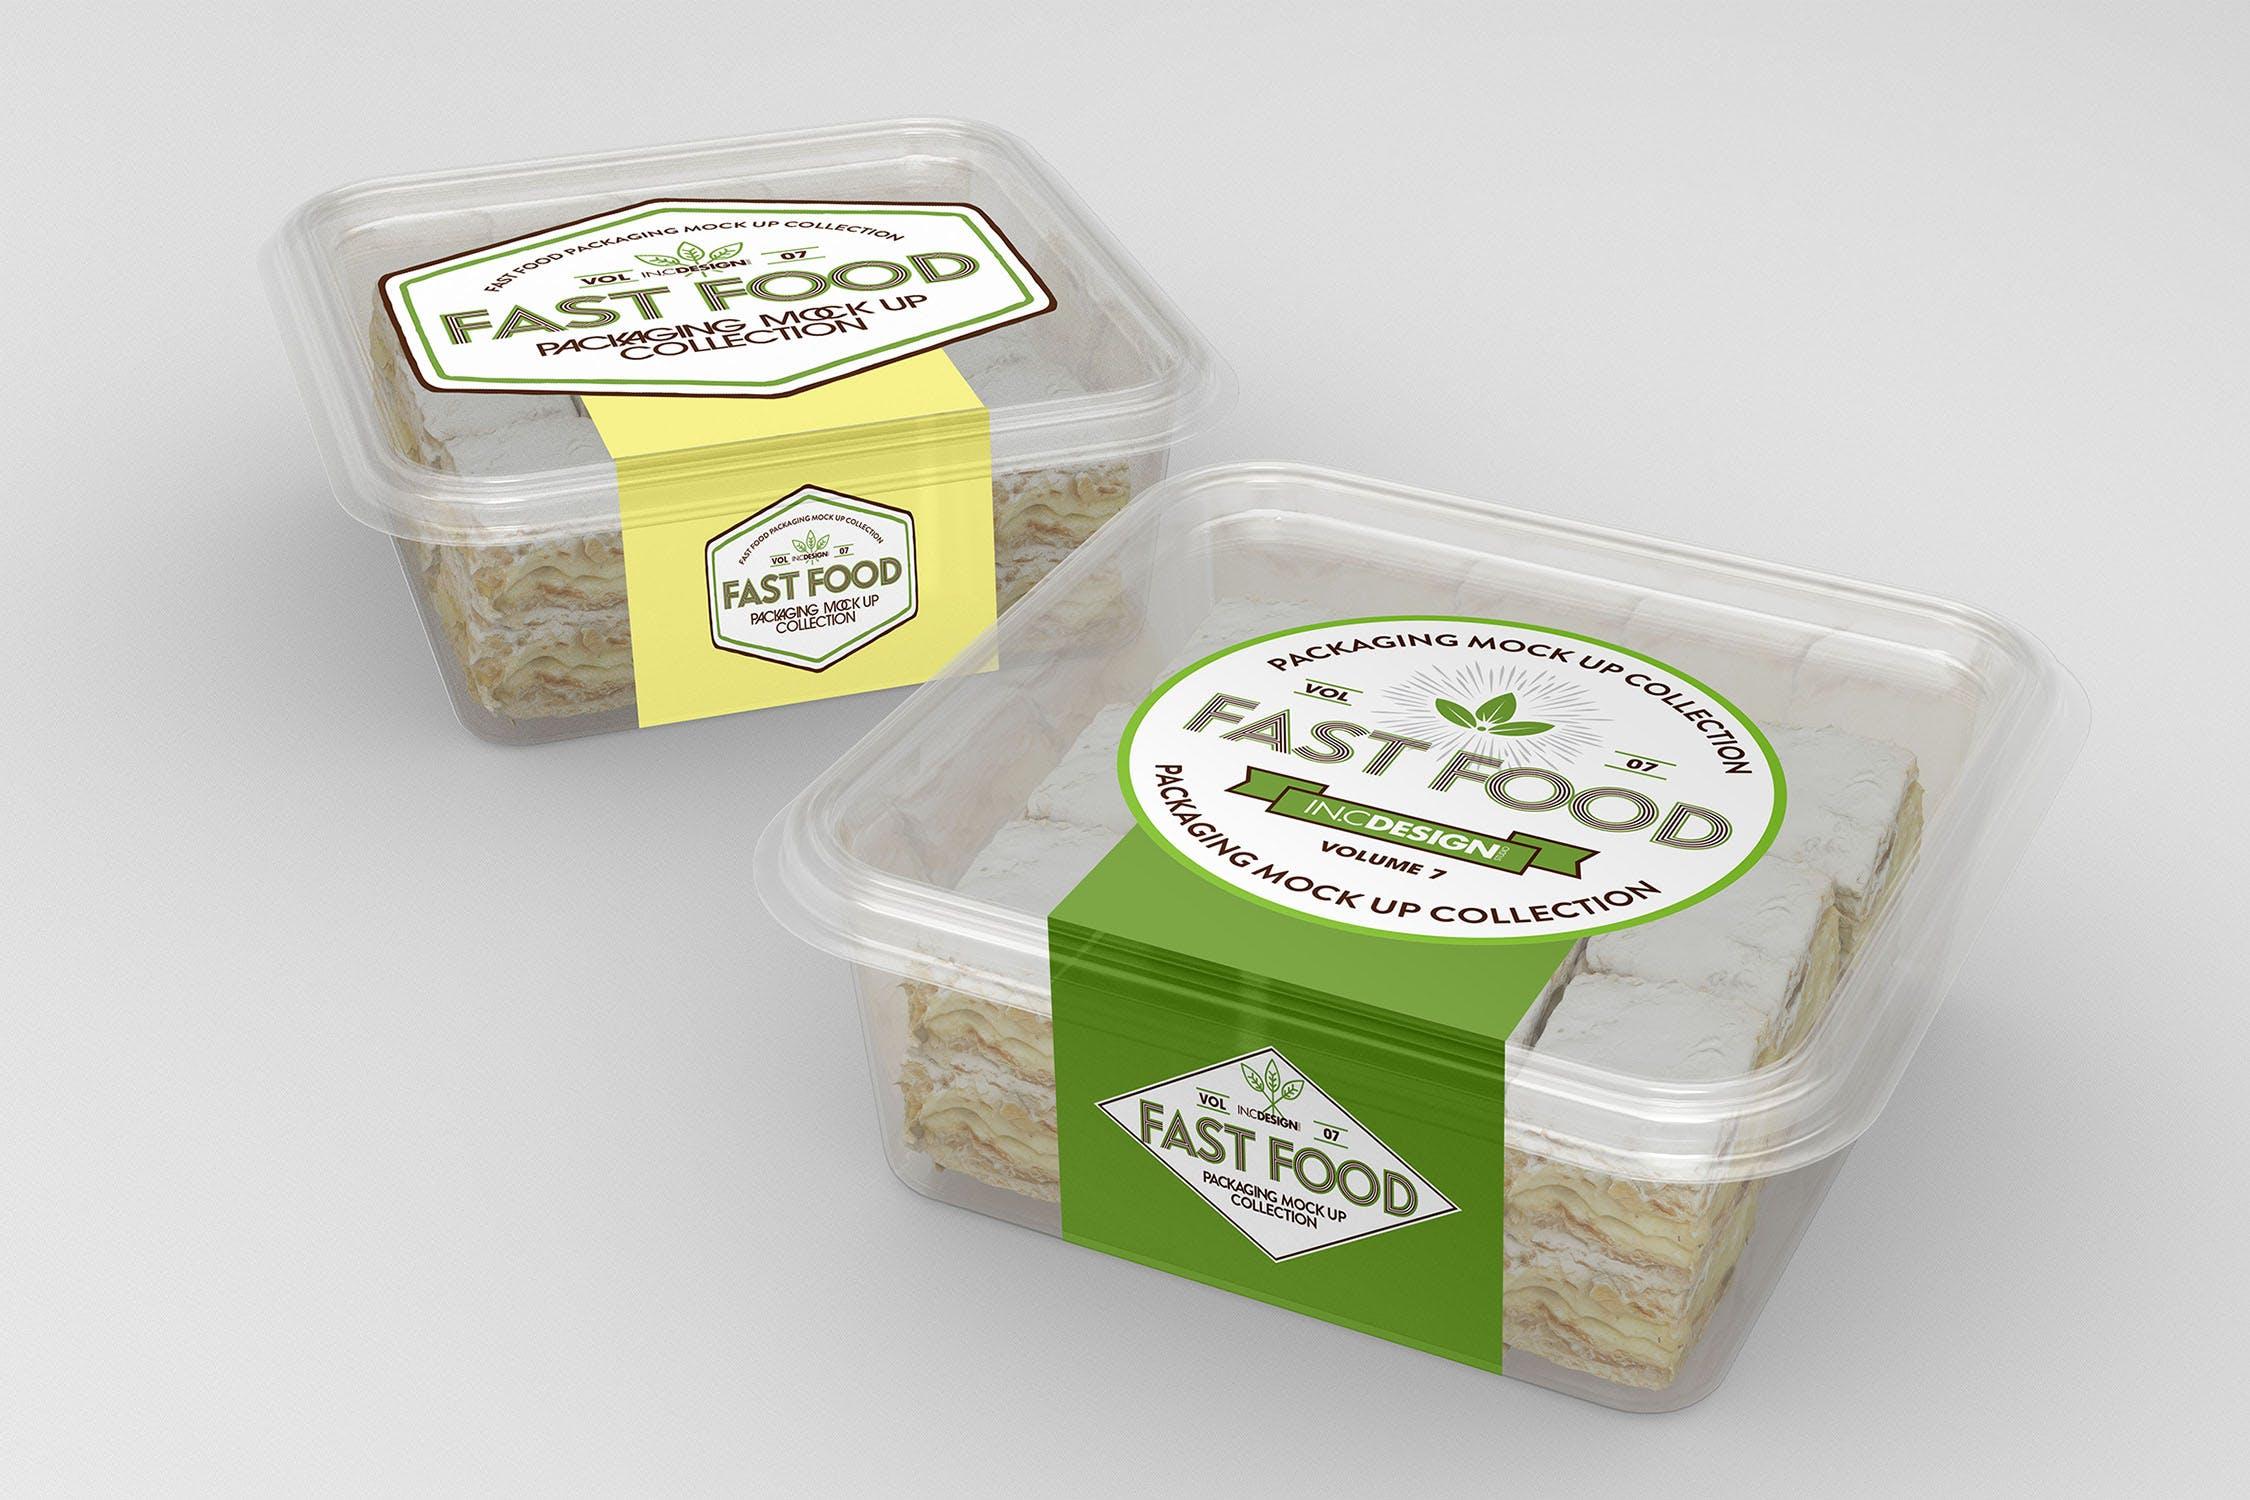 多品类快餐盒  甜点模板样机素材展示Fast Food Boxes Vol 7 Take Out Packaging Mockups插图(4)